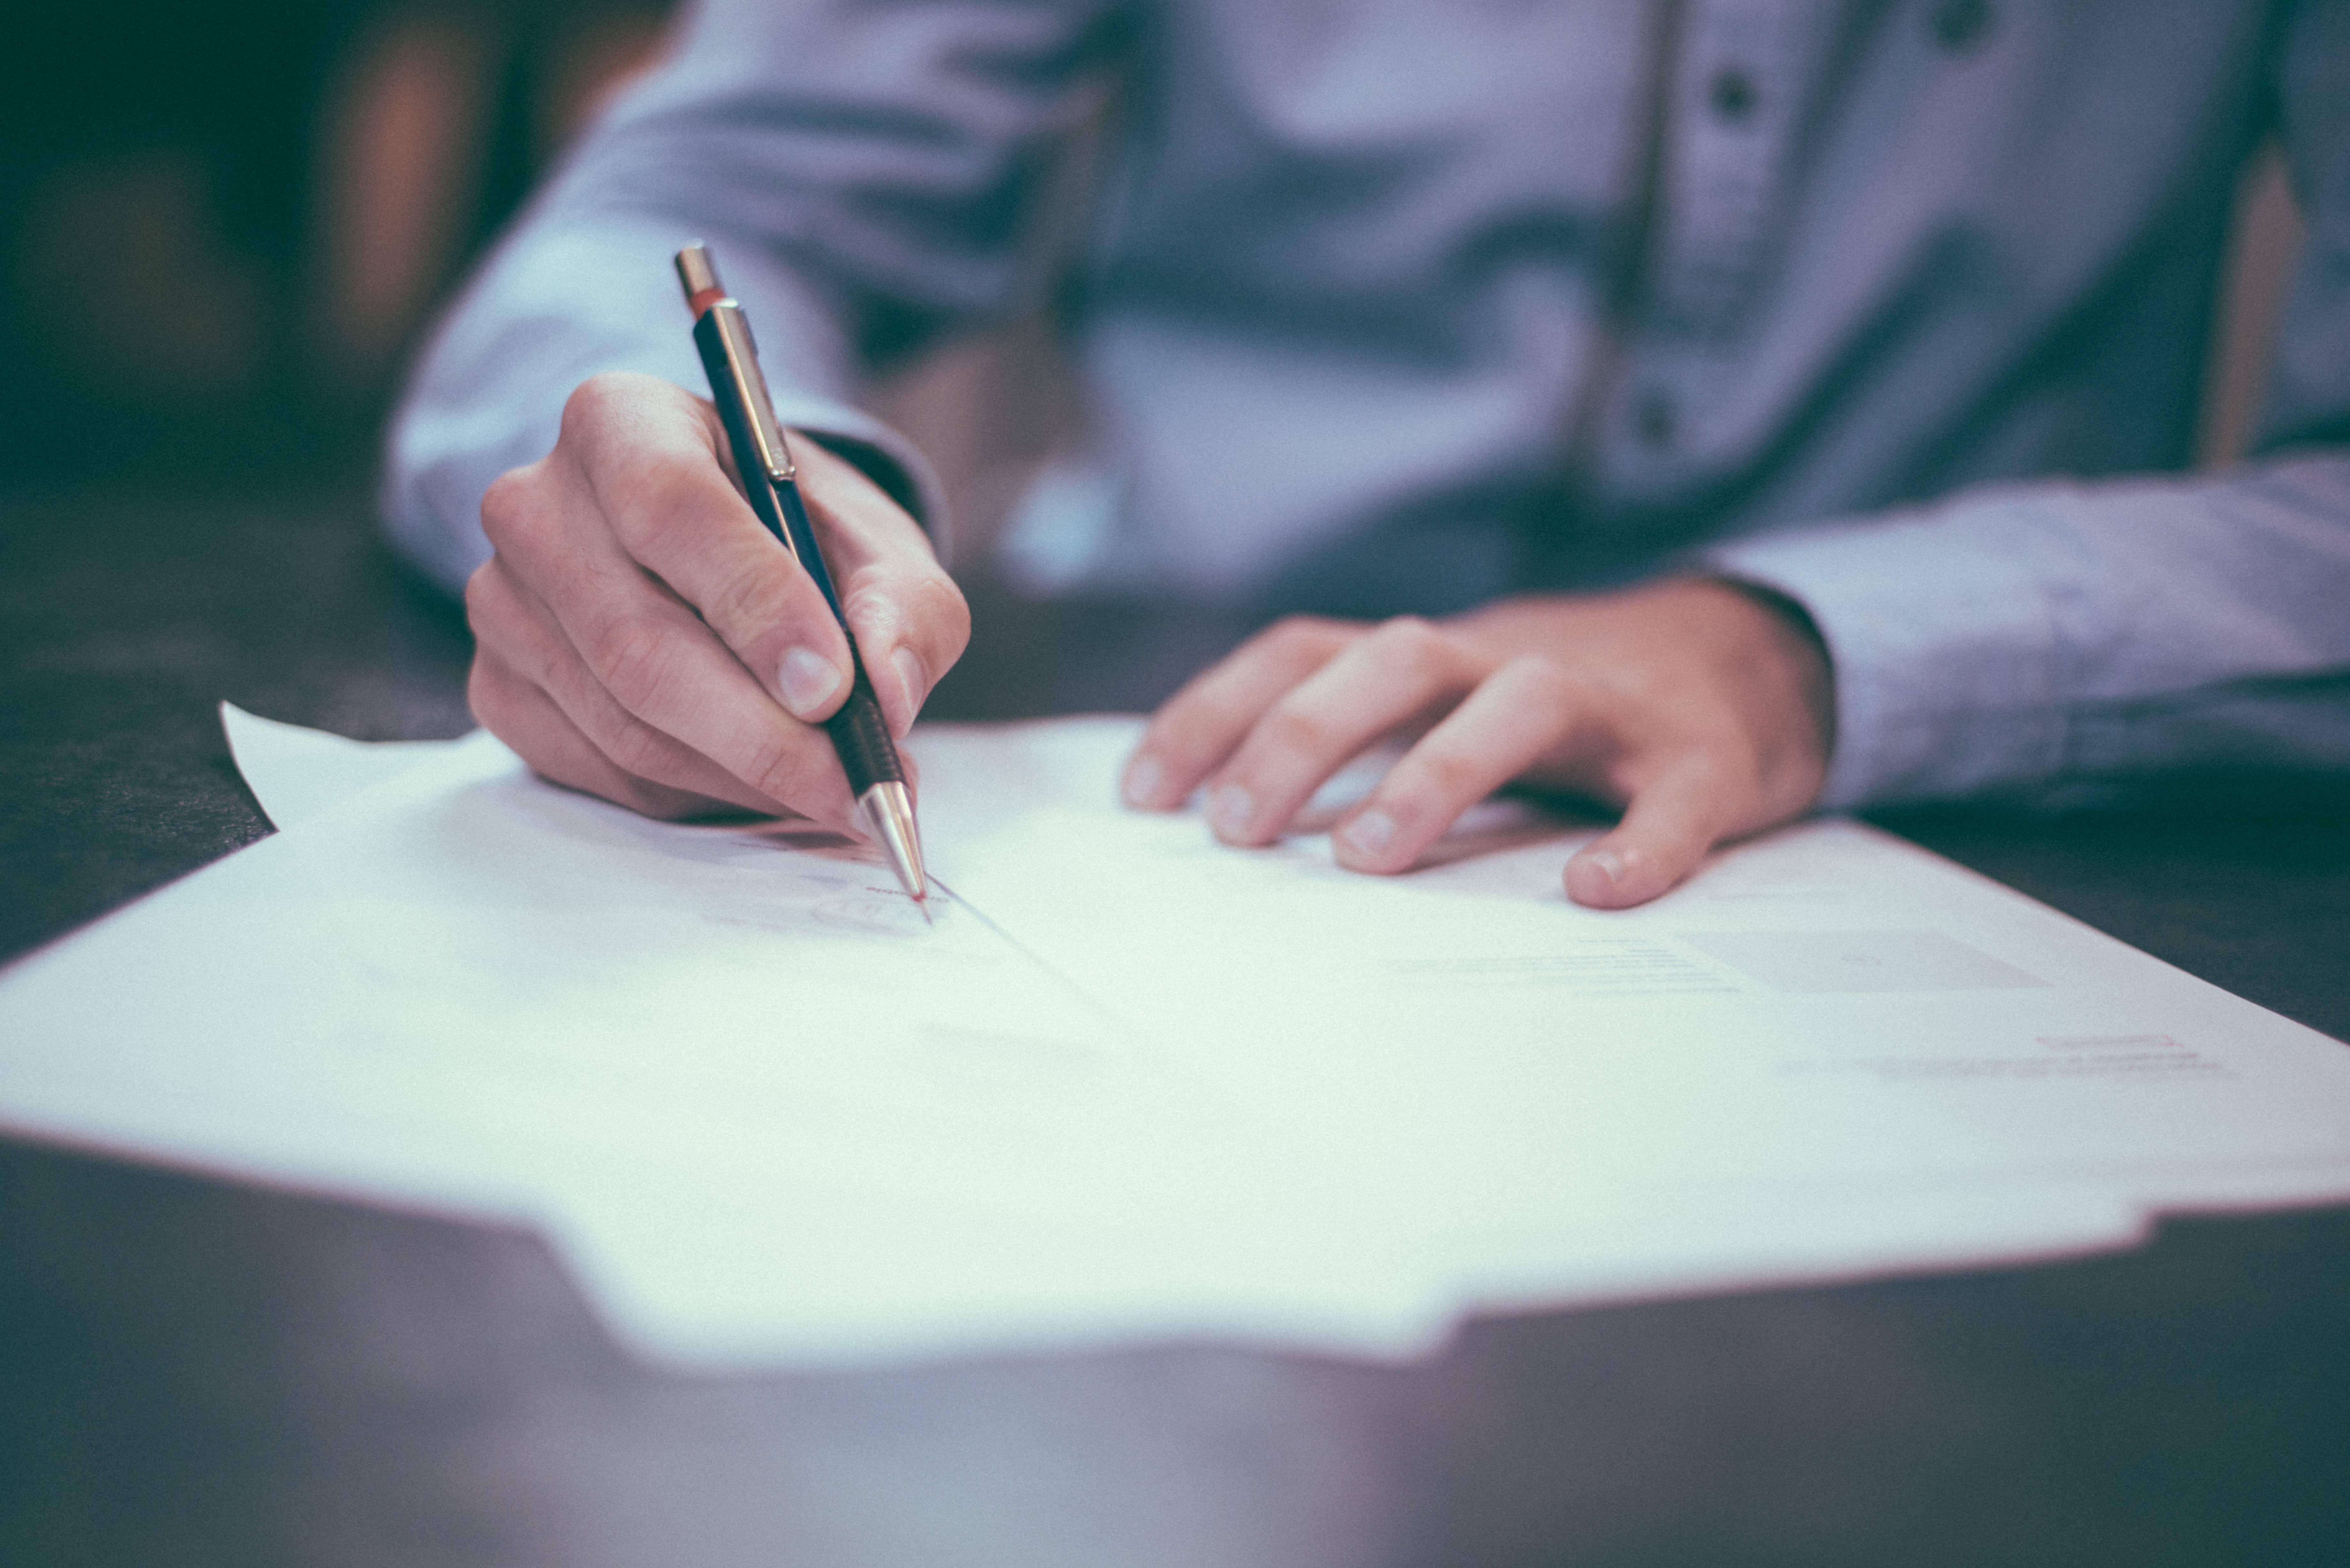 Comment calculer le taux d'un prêt immobilier? 1